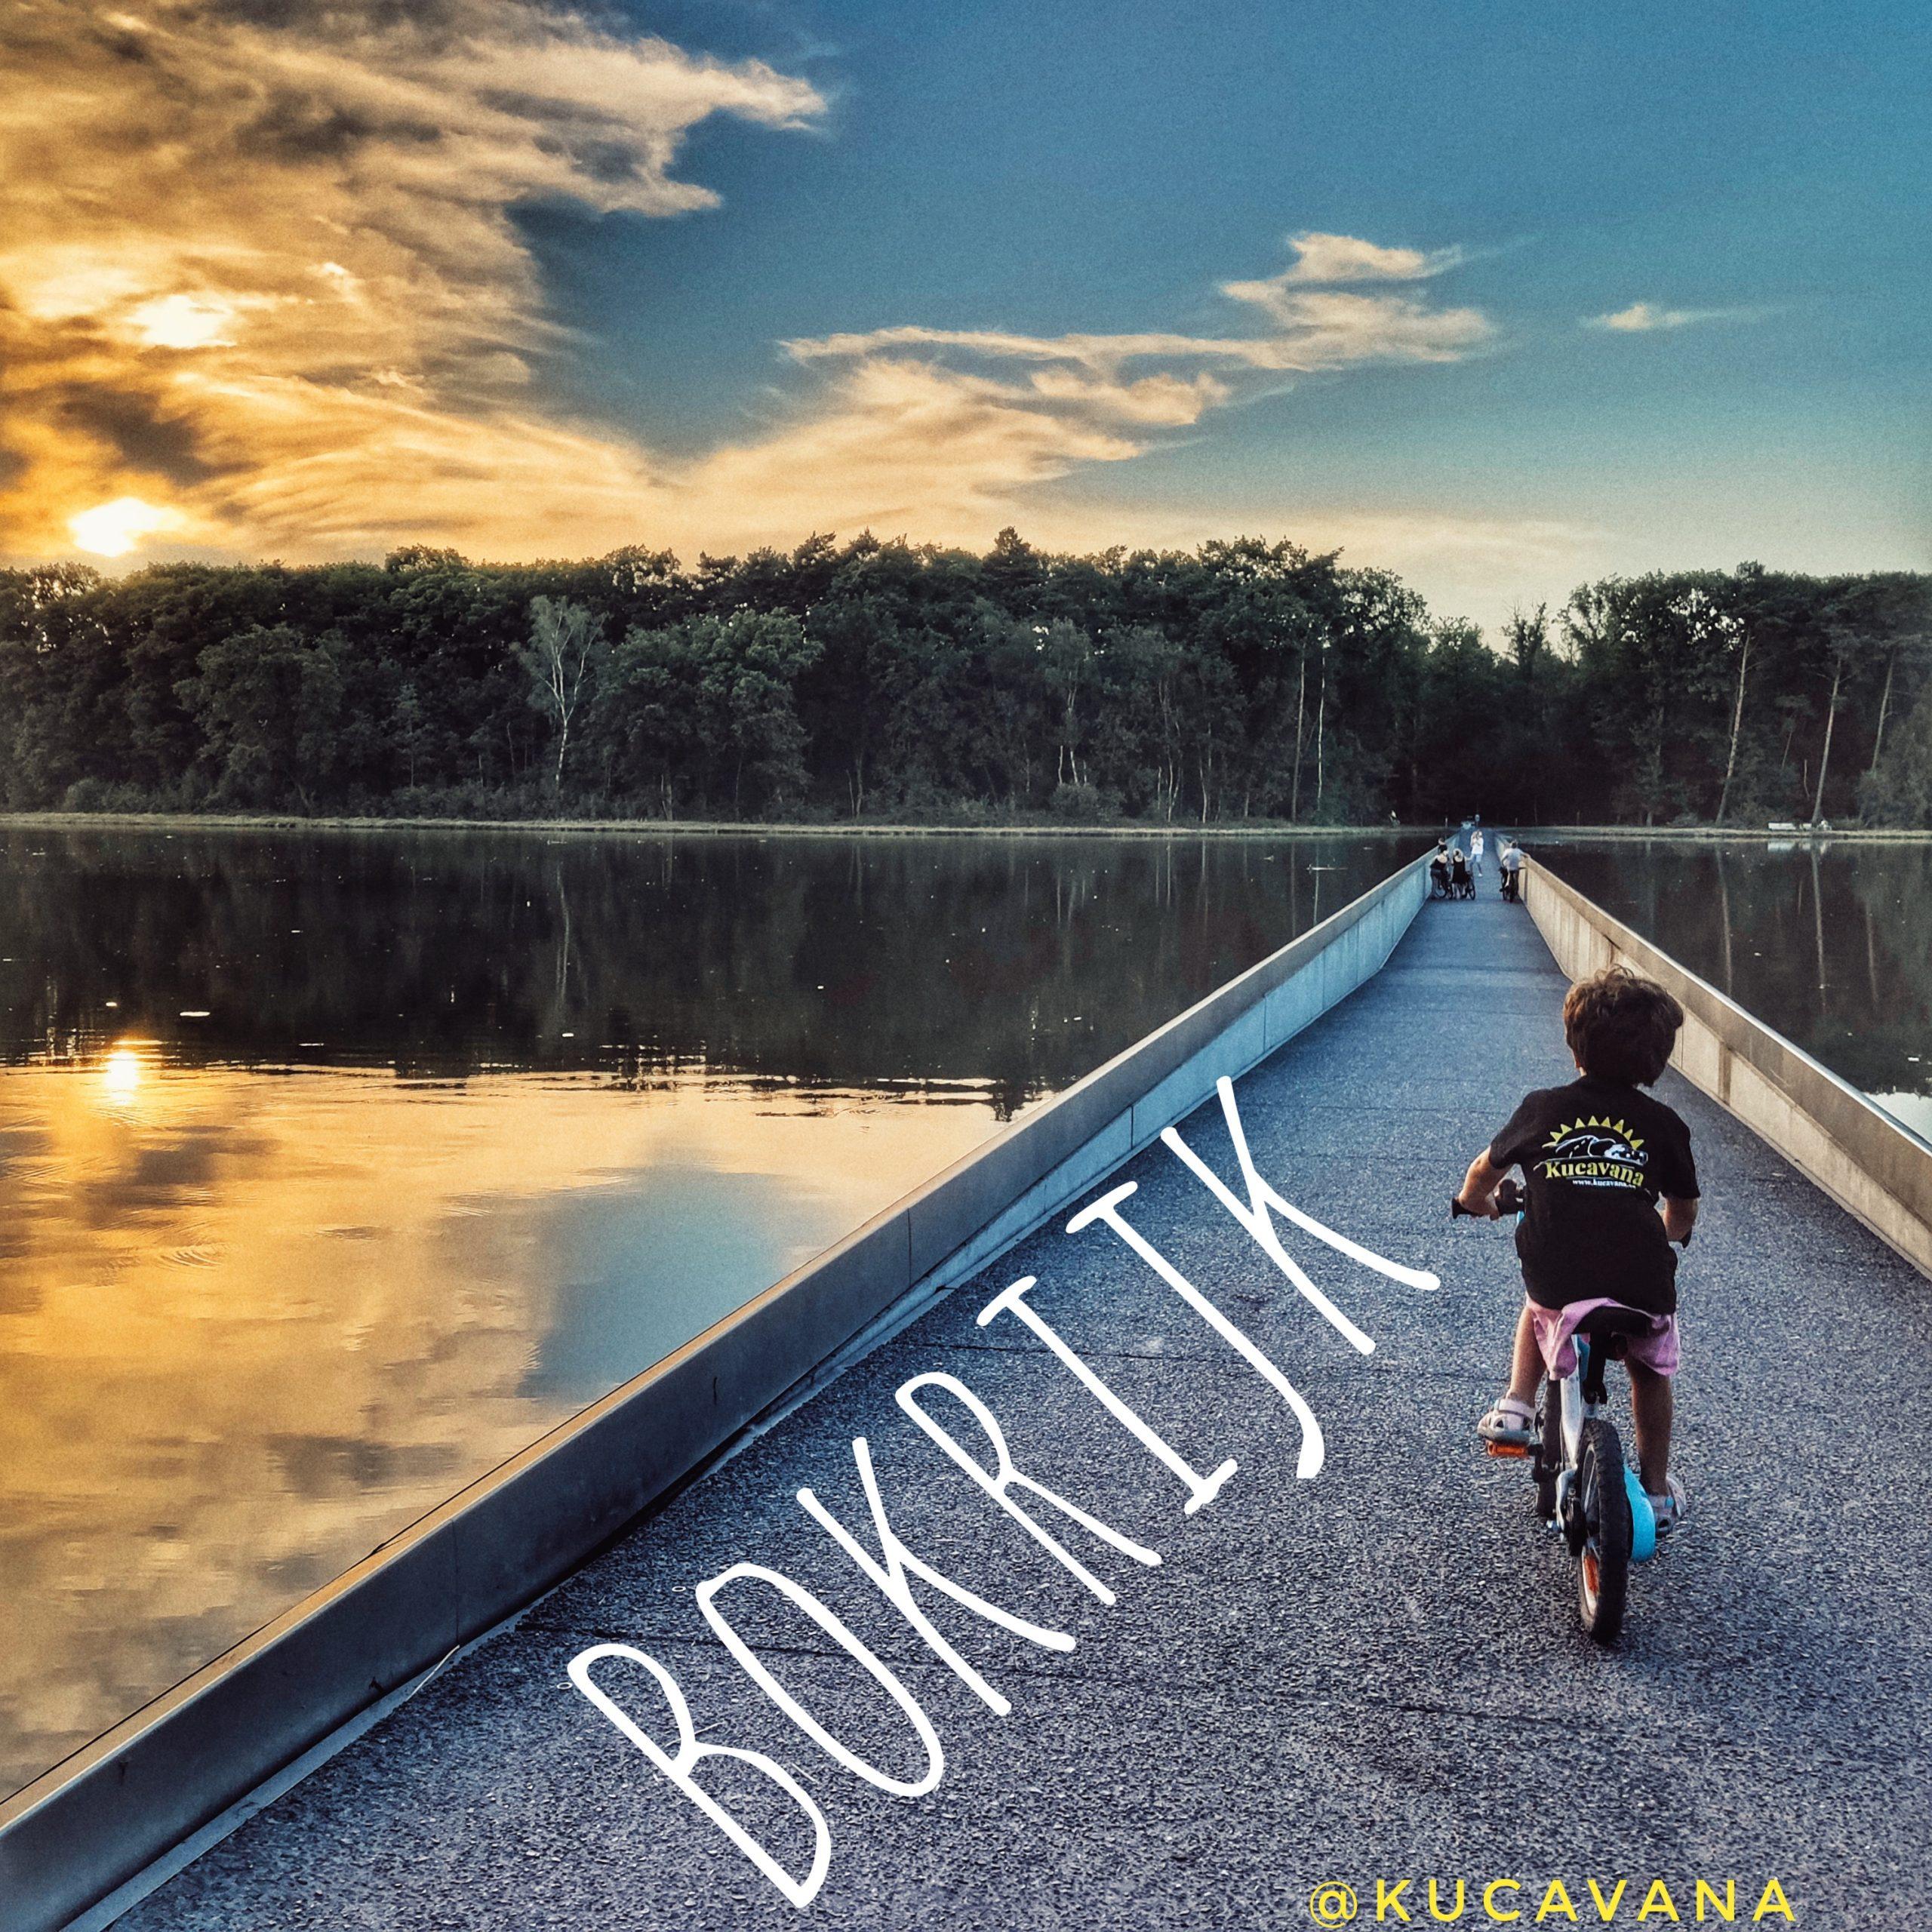 Bokrijk Fietsen Door d'Bomen, una ruta en bicicleta entre l'aigua